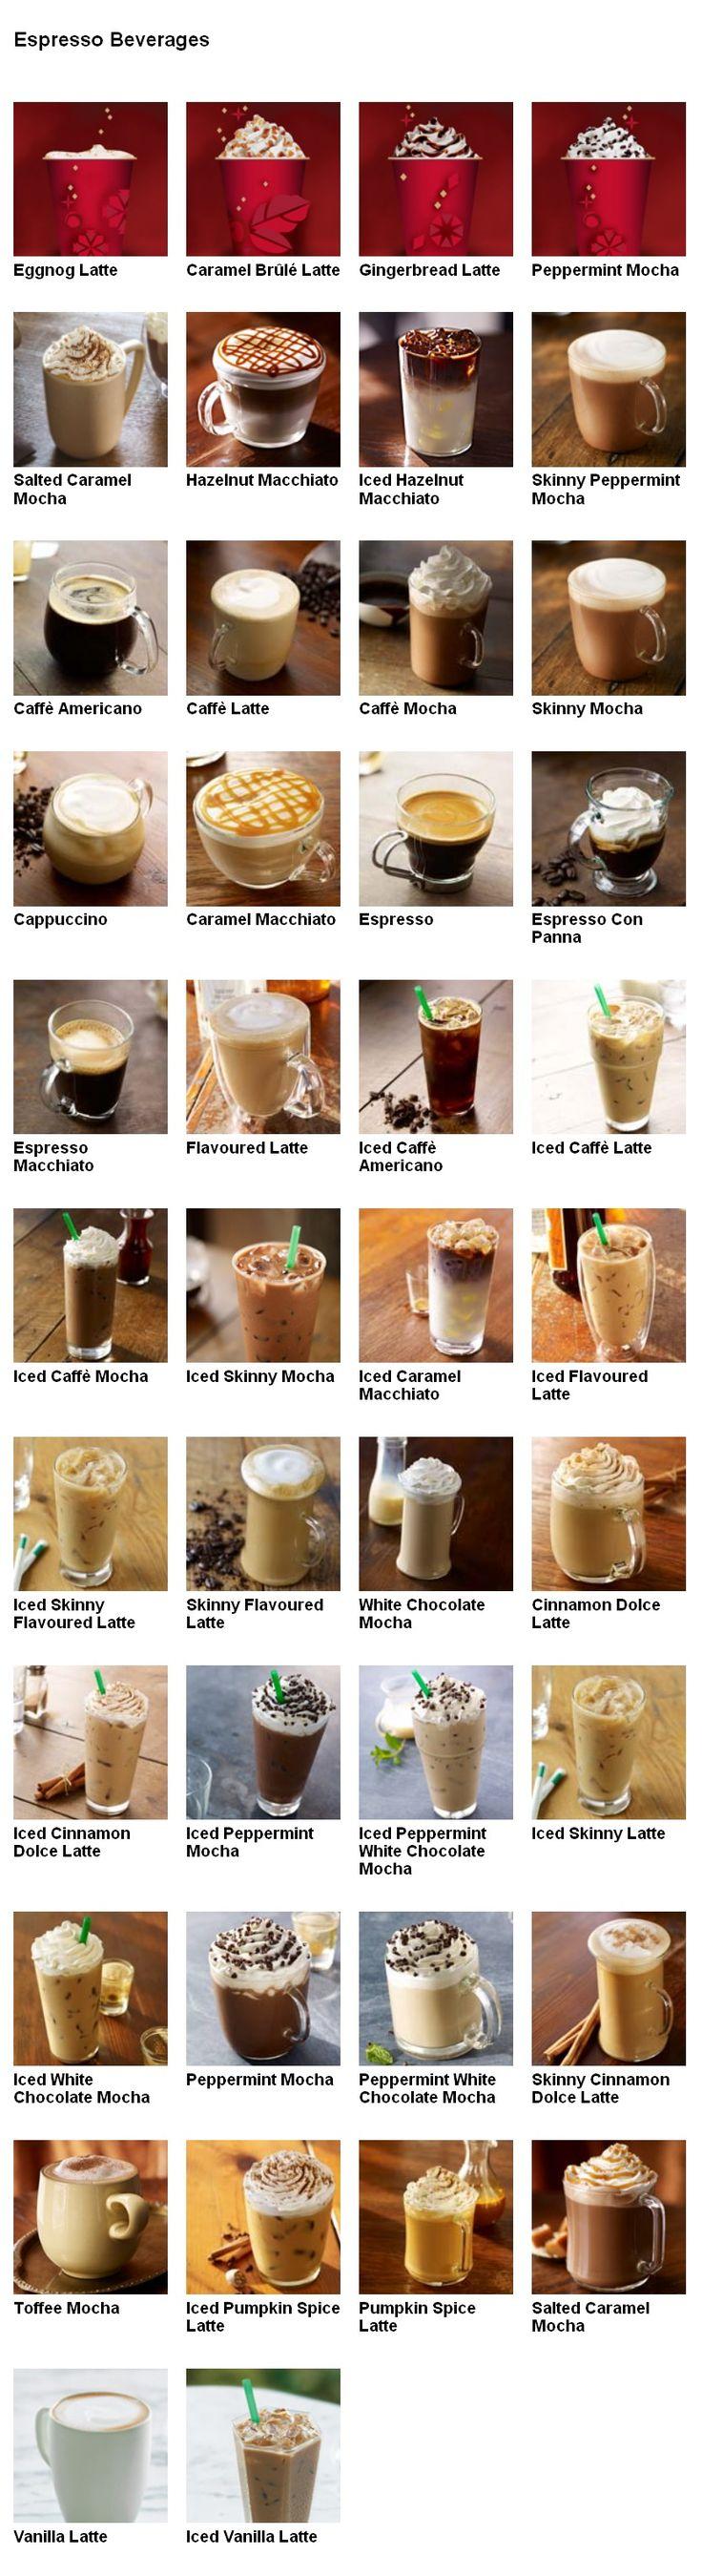 Starbucks - Drinks